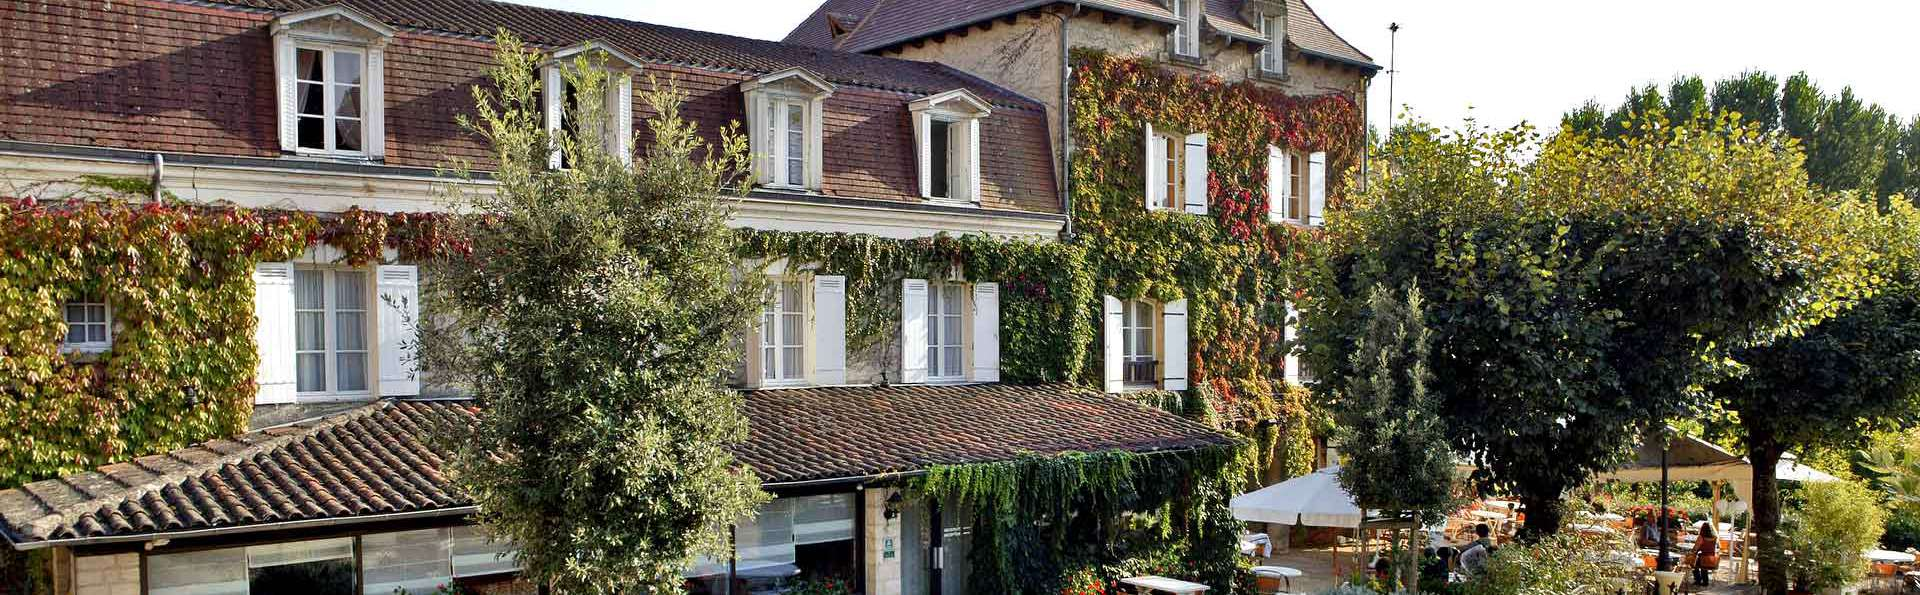 Hostellerie du Passeur - Edit_Front2.jpg